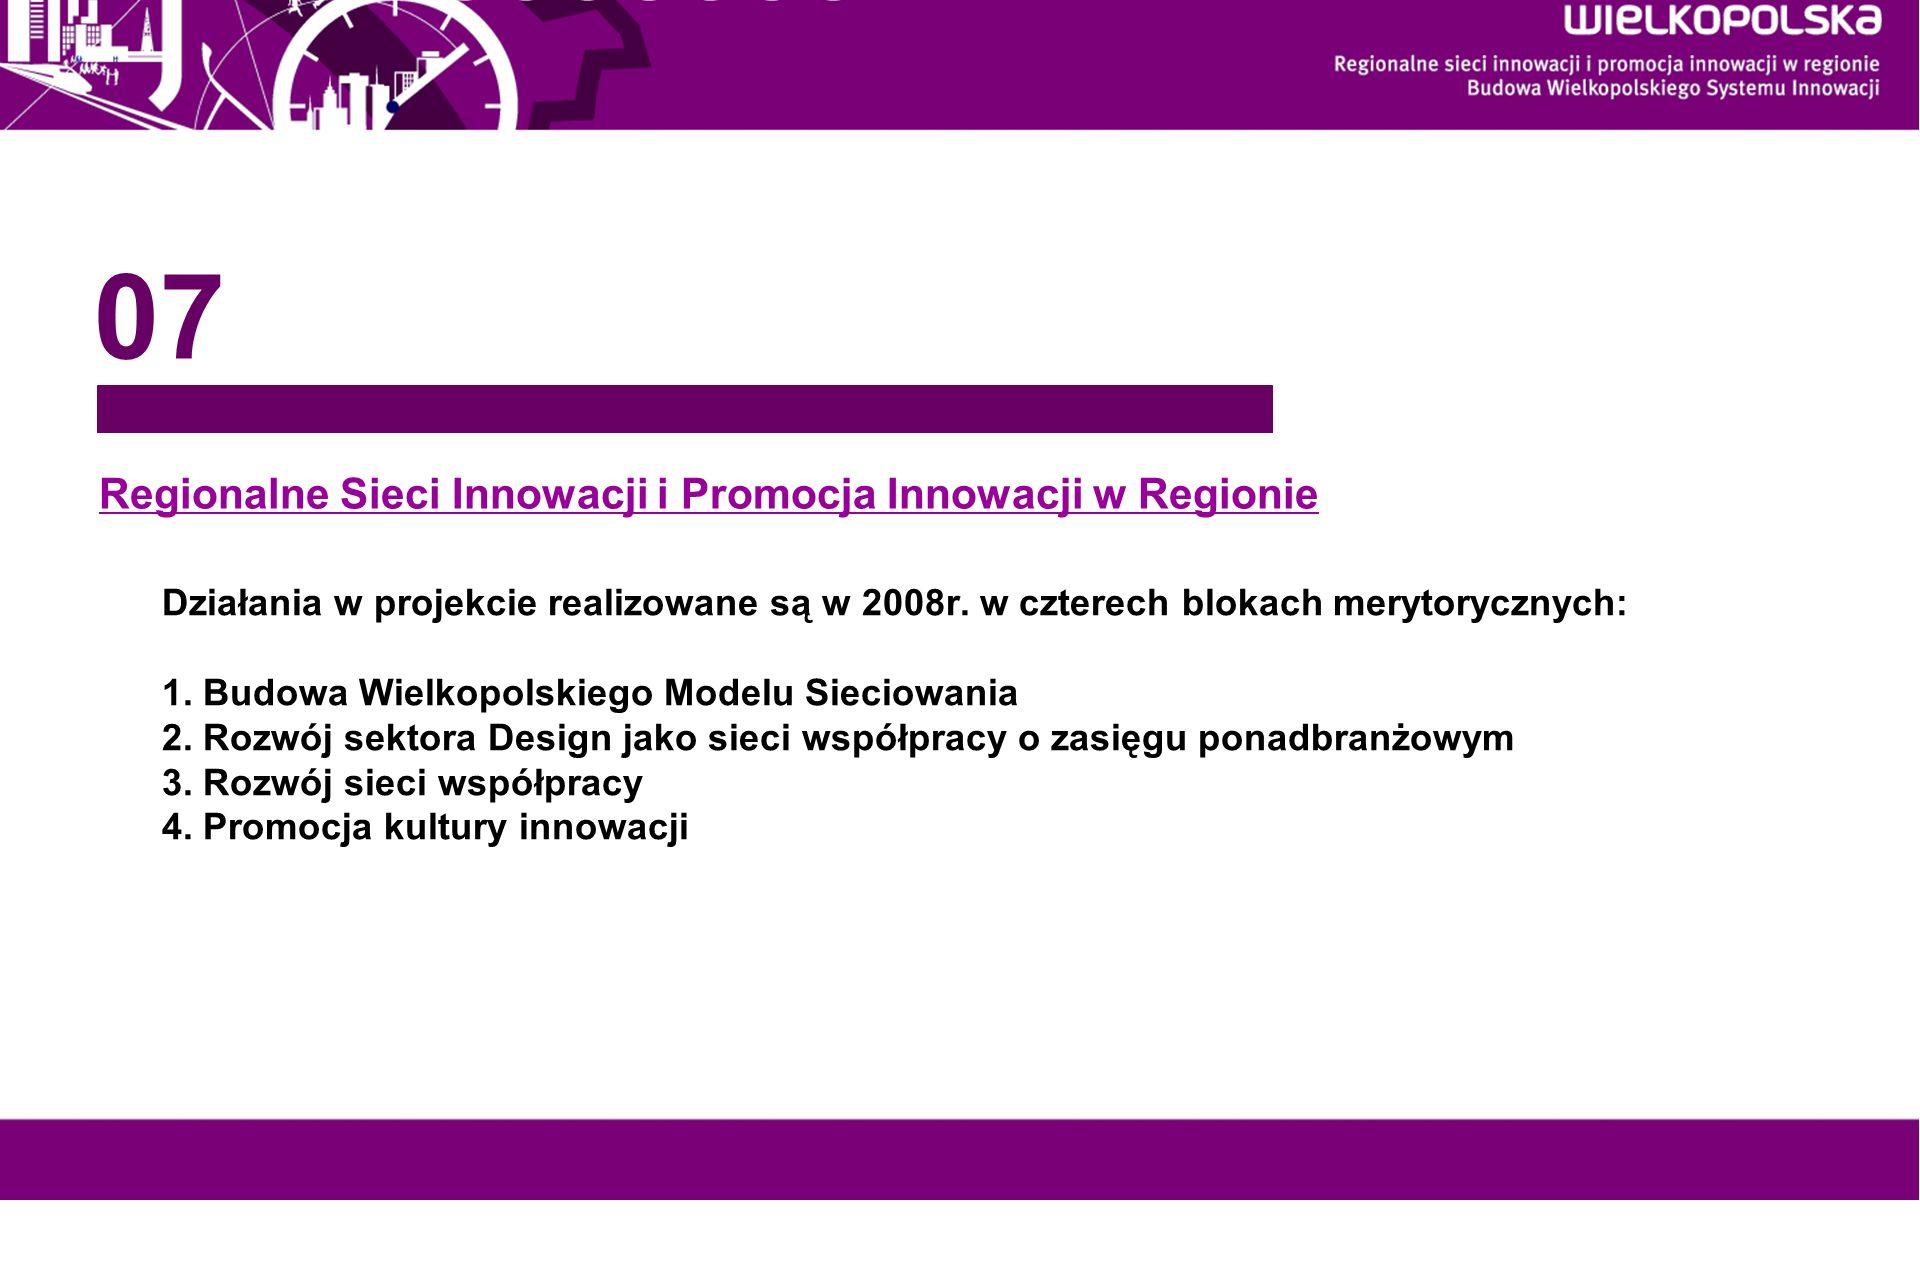 Regionalne Sieci Innowacji i Promocja Innowacji w Regionie